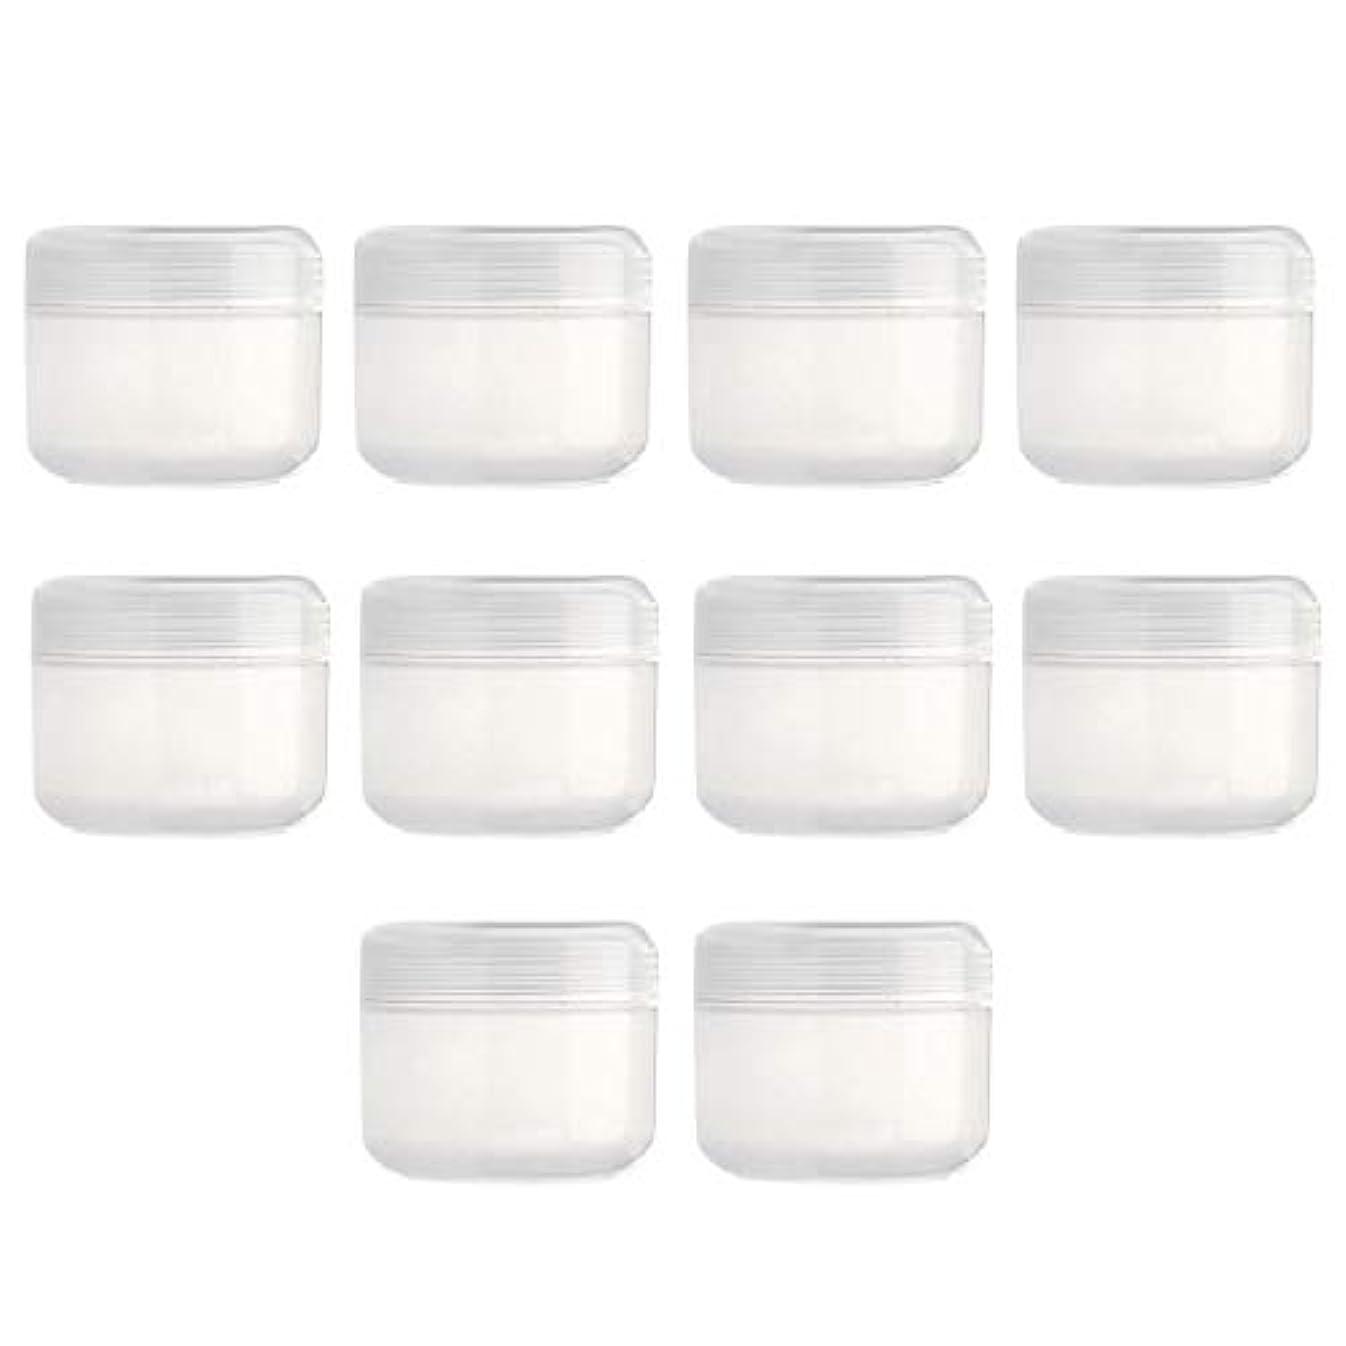 まろやかな包括的死んでいるDYNWAVE 10個入り 空のボトル 旅行用 空のクリーム容器 詰替え容器 クリームボトル 化粧品容器 全15色 - クリア50g